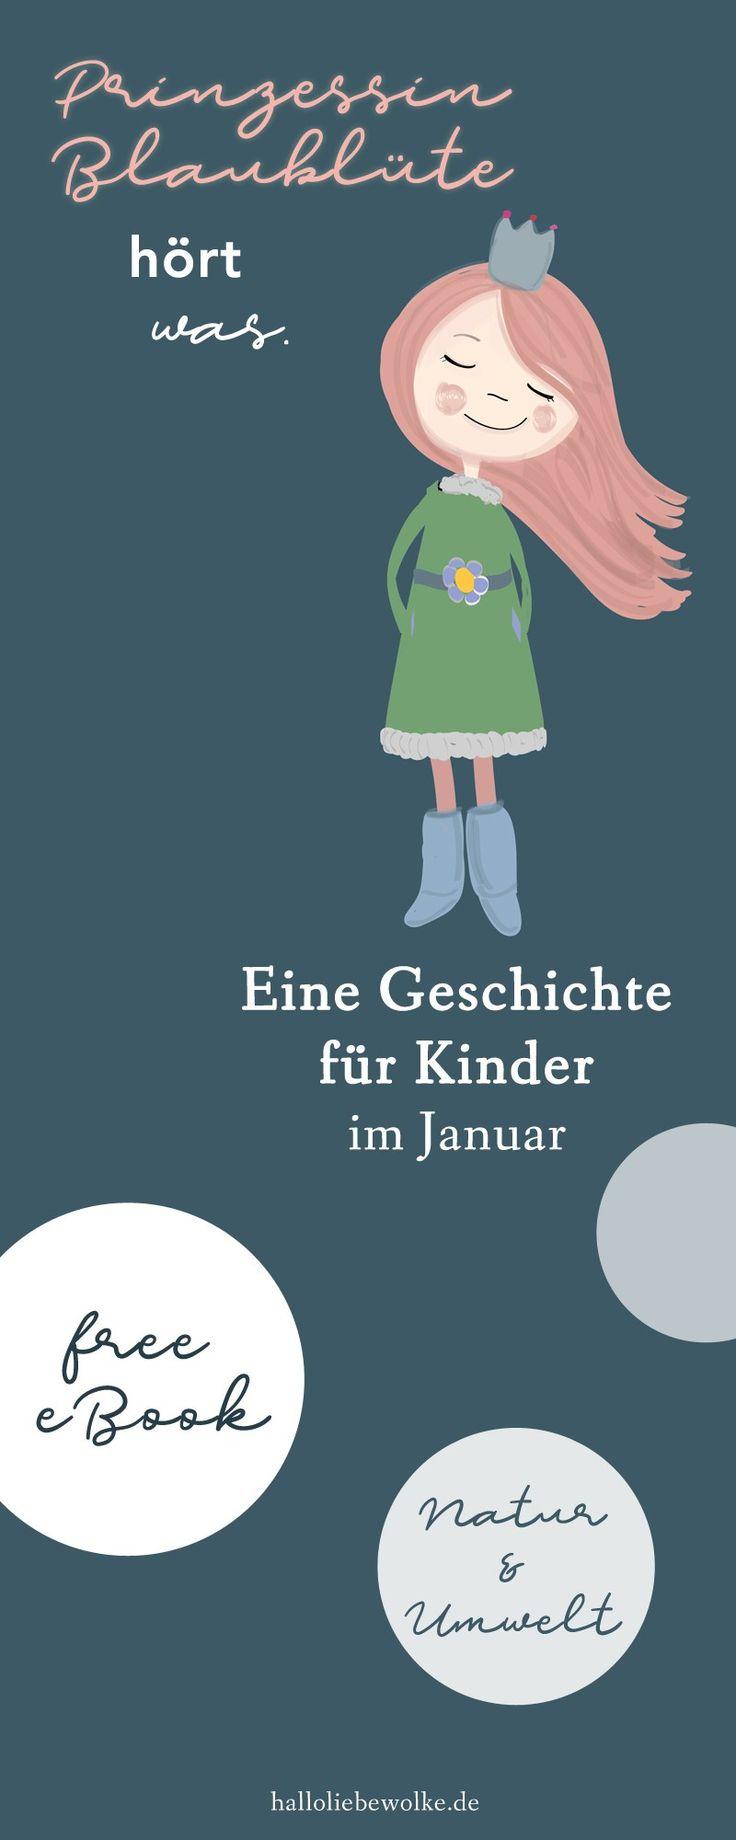 Prinzessin Blaublüte hört etwas. Dabei ist doch Januar und alle Welt schläft, oder? Ein Kinderbuch als kostenloses eBook und ein Rezept für selbstgemachtes Vogelfutter im Winter, wenn sich die ersten Schneeglöckchen durch den Schnee wagen. Eine Geschichte für Kinder in Kindergarten, Kita und Grundschule zum Thema Natur und Umwelt, und was es alles zu entdecken gibt -> Umwelterziehung leicht gemacht. ;) Eine kostenlose Druckvorlage vom Mamablog Hallo liebe Wolke. #freebie #printable #kinder